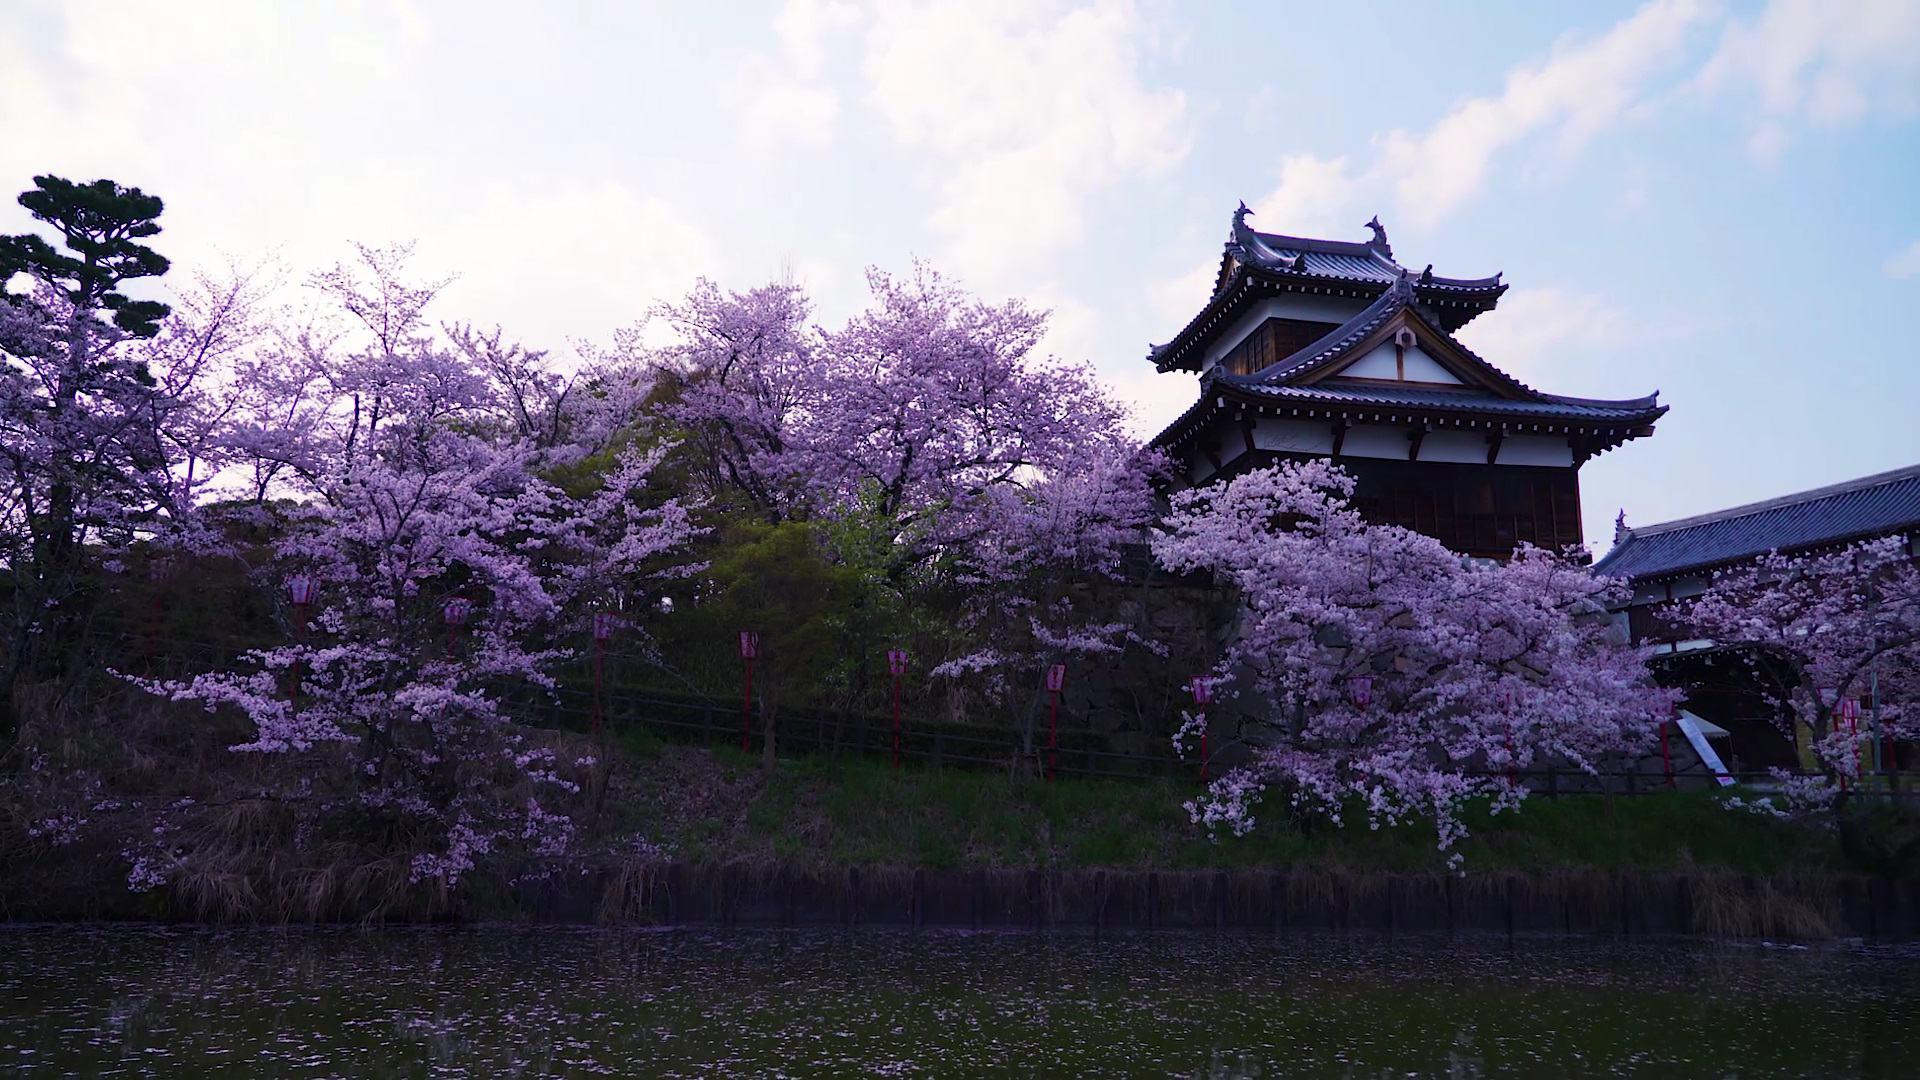 环绕在城迹一带的樱花树